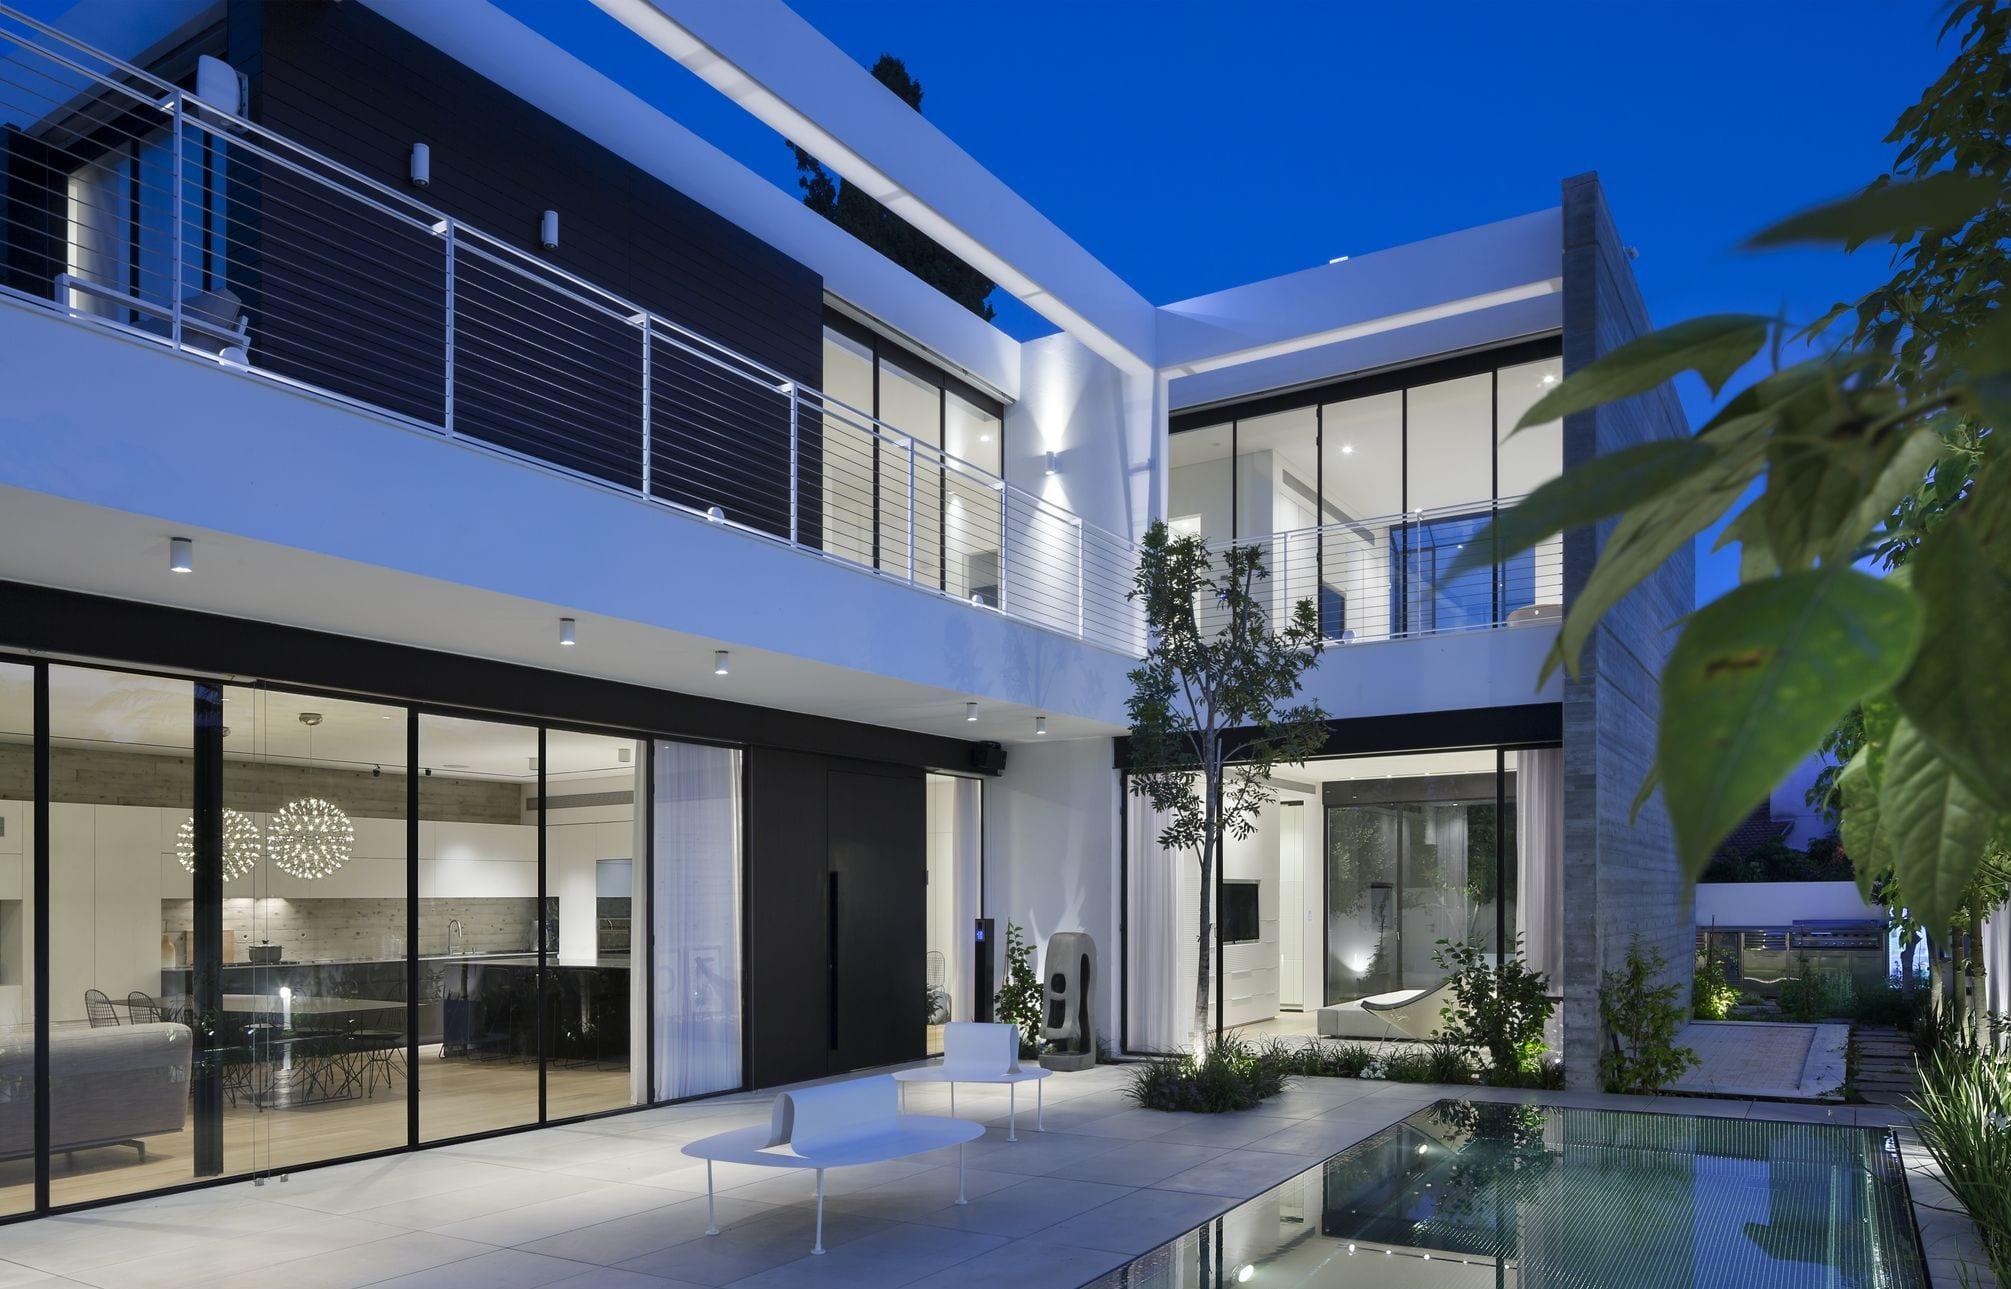 ויטרינות וחלונות מפרופיל בלגי ברזל בעיצוב מודרני